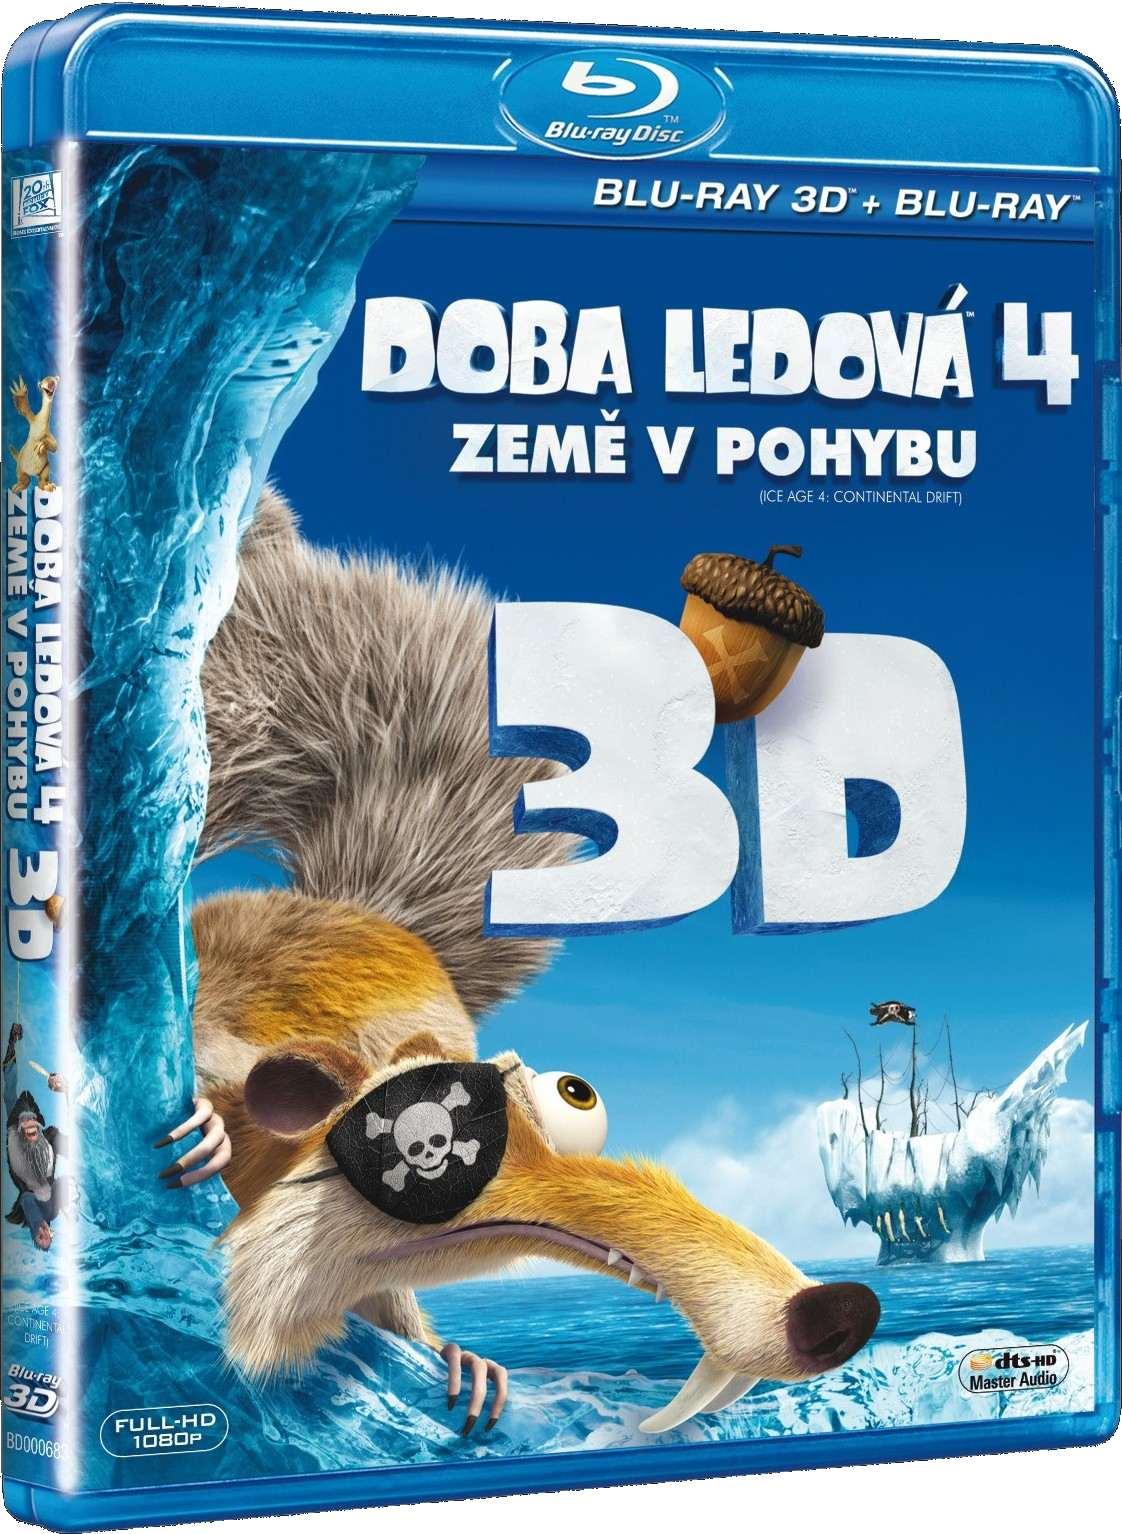 DOBA LEDOVÁ 4: ZEMĚ V POHYBU - Blu-ray 3D + 2D